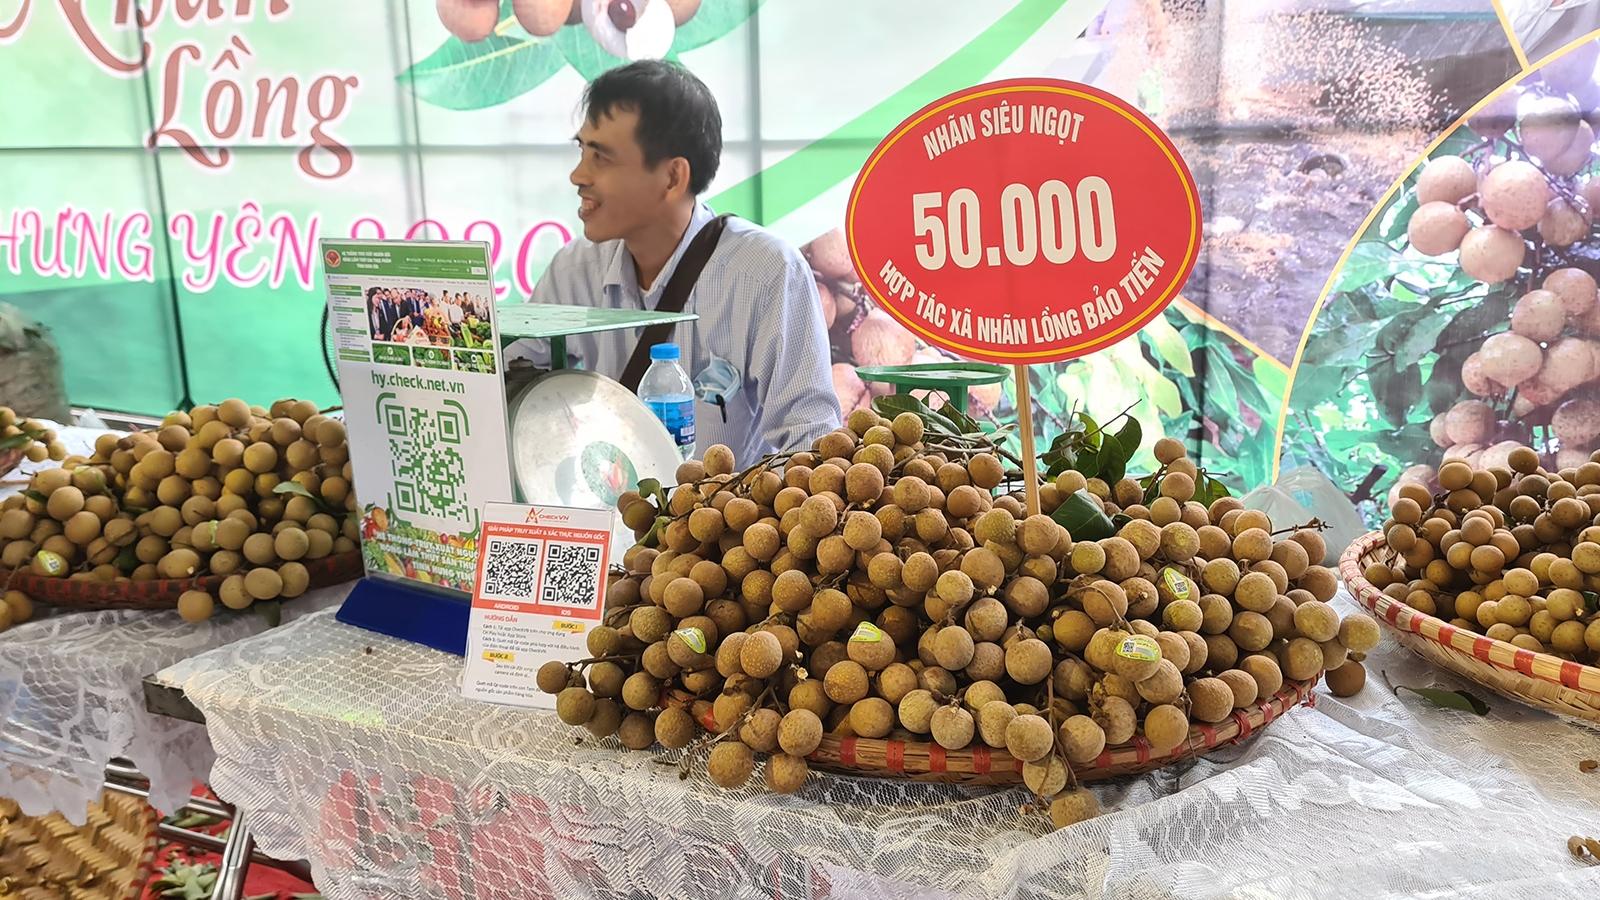 Gần 1.000 điểm cầu tham gia hội nghị tiêu thụ nhãn và nông sản tỉnh Hưng Yên năm 2021